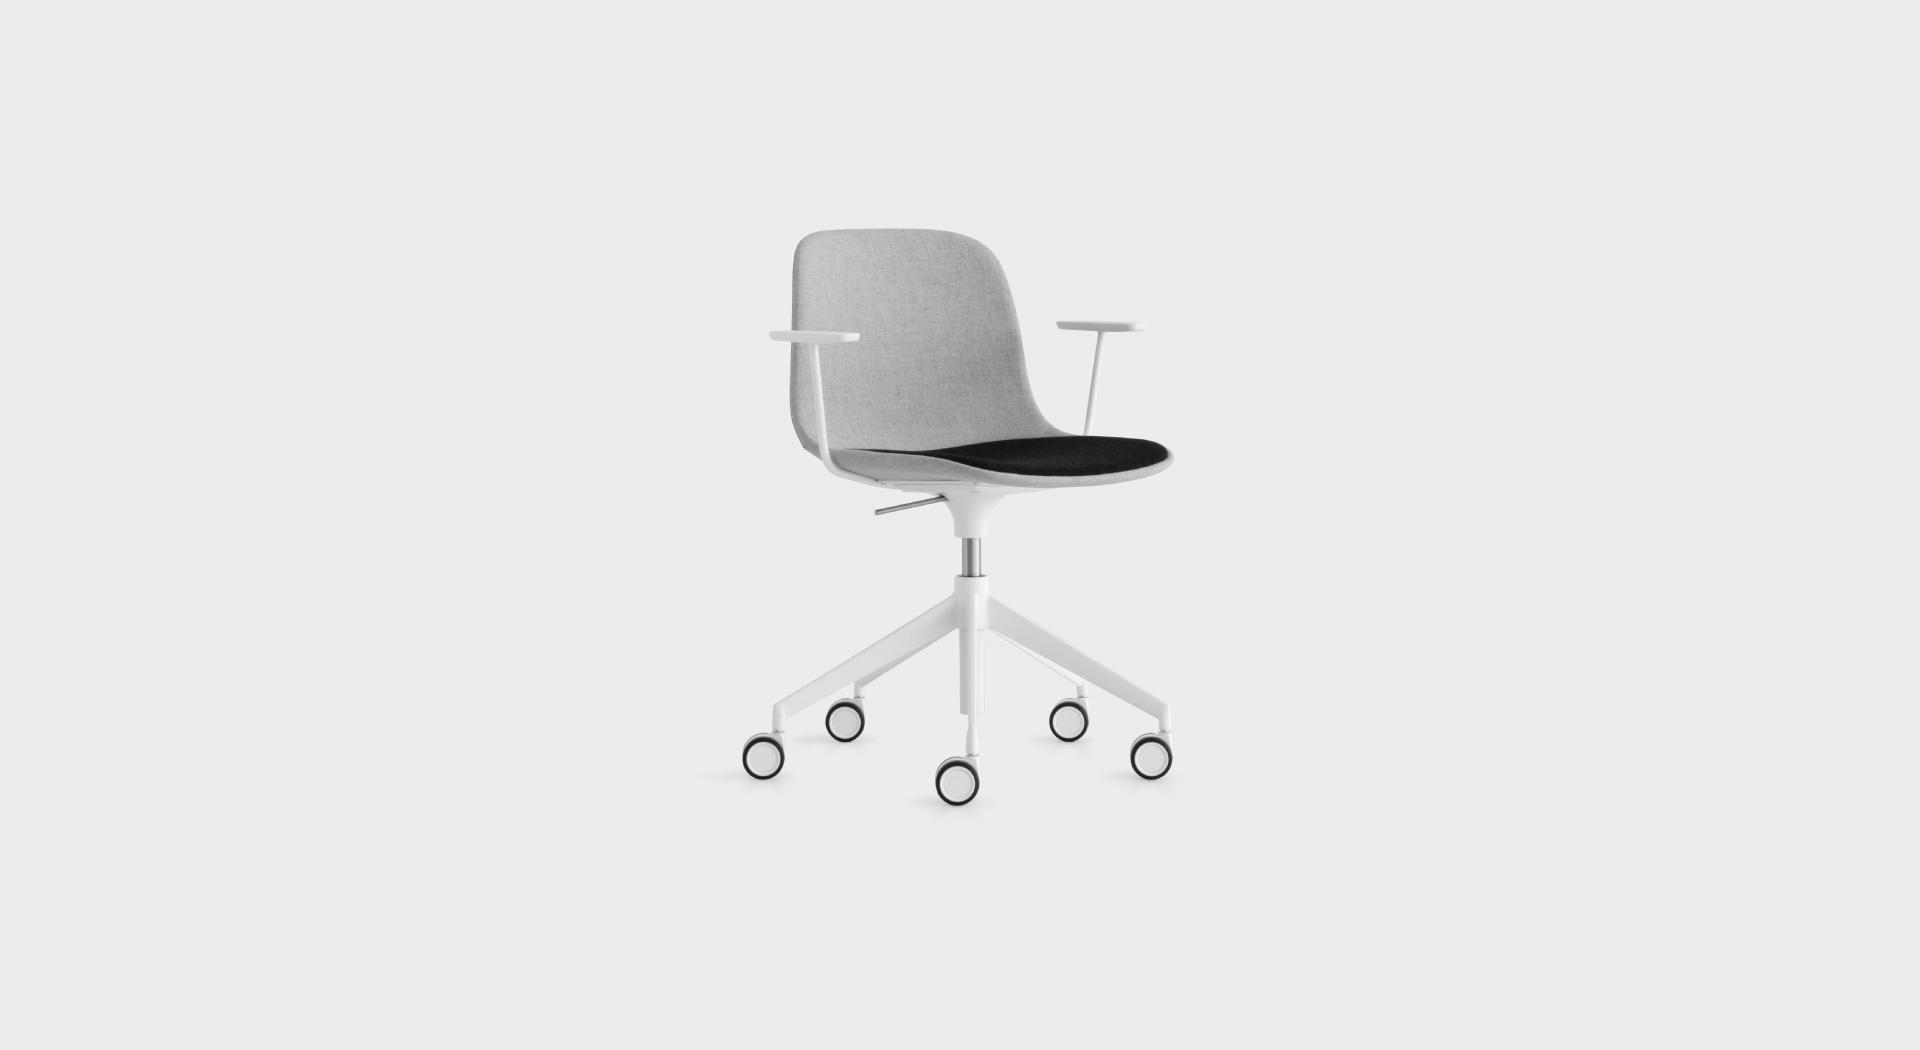 SEELA S341 | Sedia ufficio : girevole con braccioli Lapalma